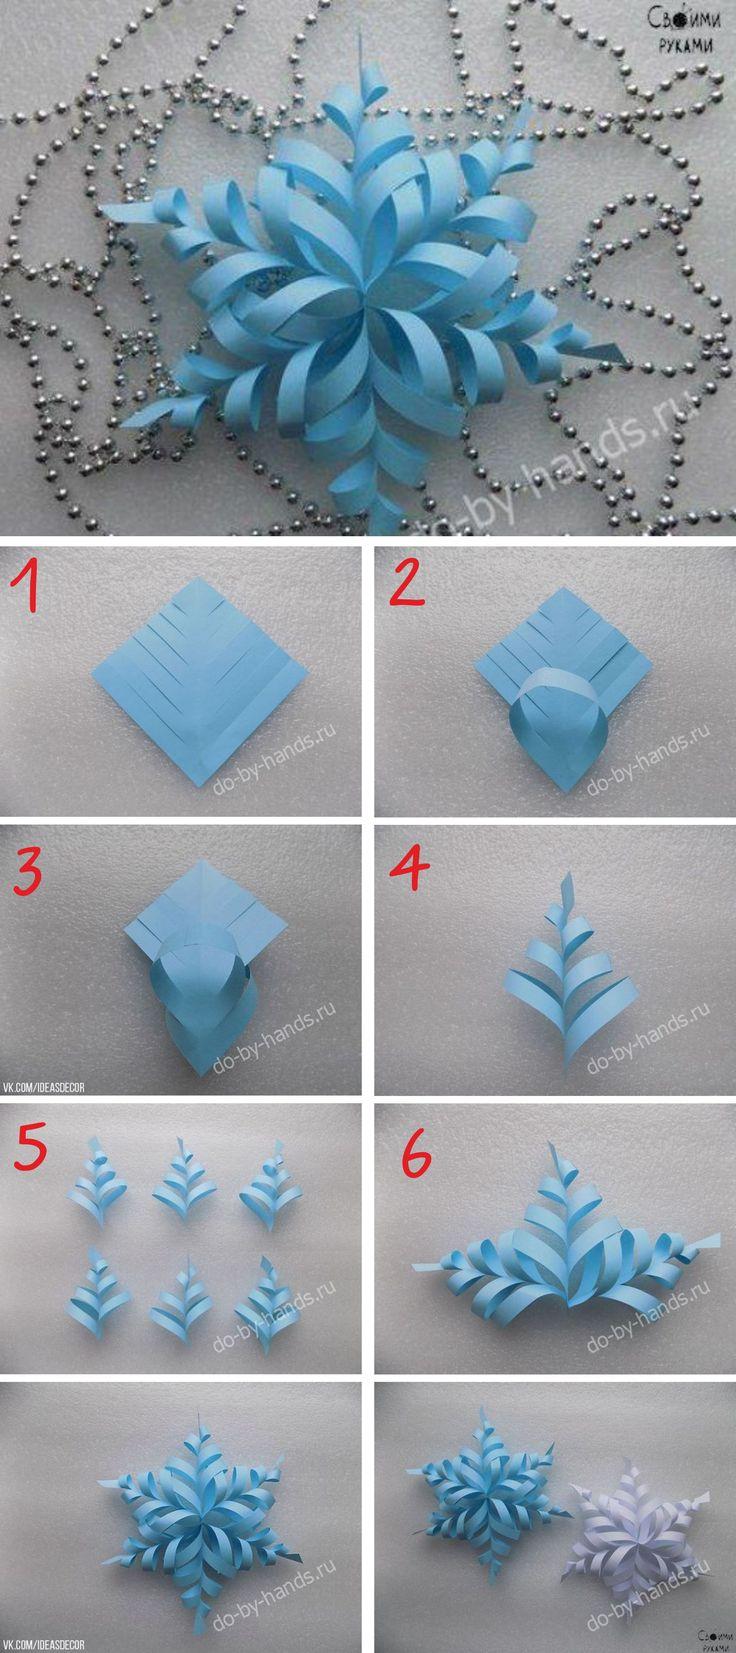 Снежинка из шести квадратиков бумаги, каждый размером 9х9 см